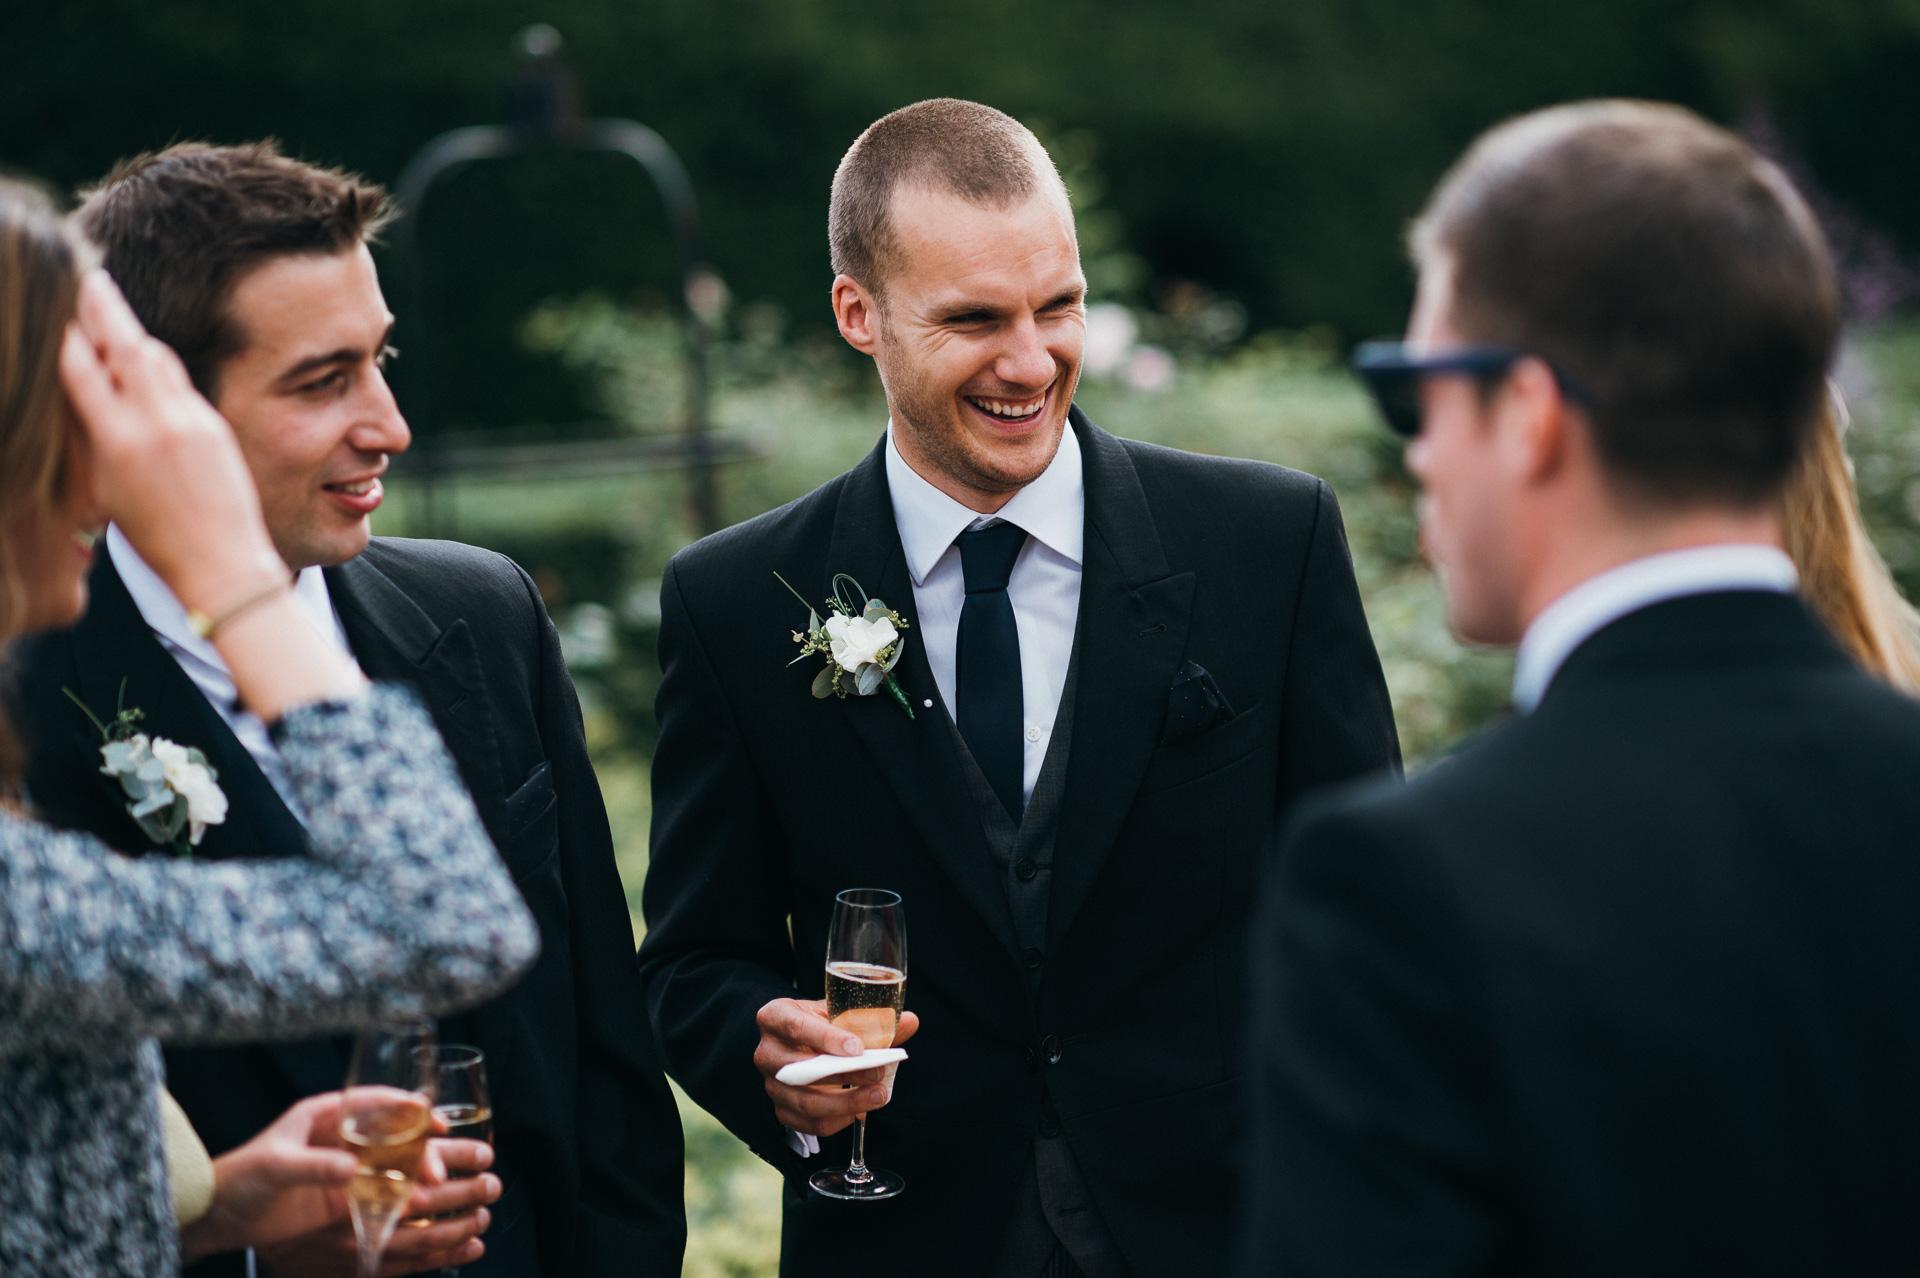 Sudeley castle wedding in Queens Garden